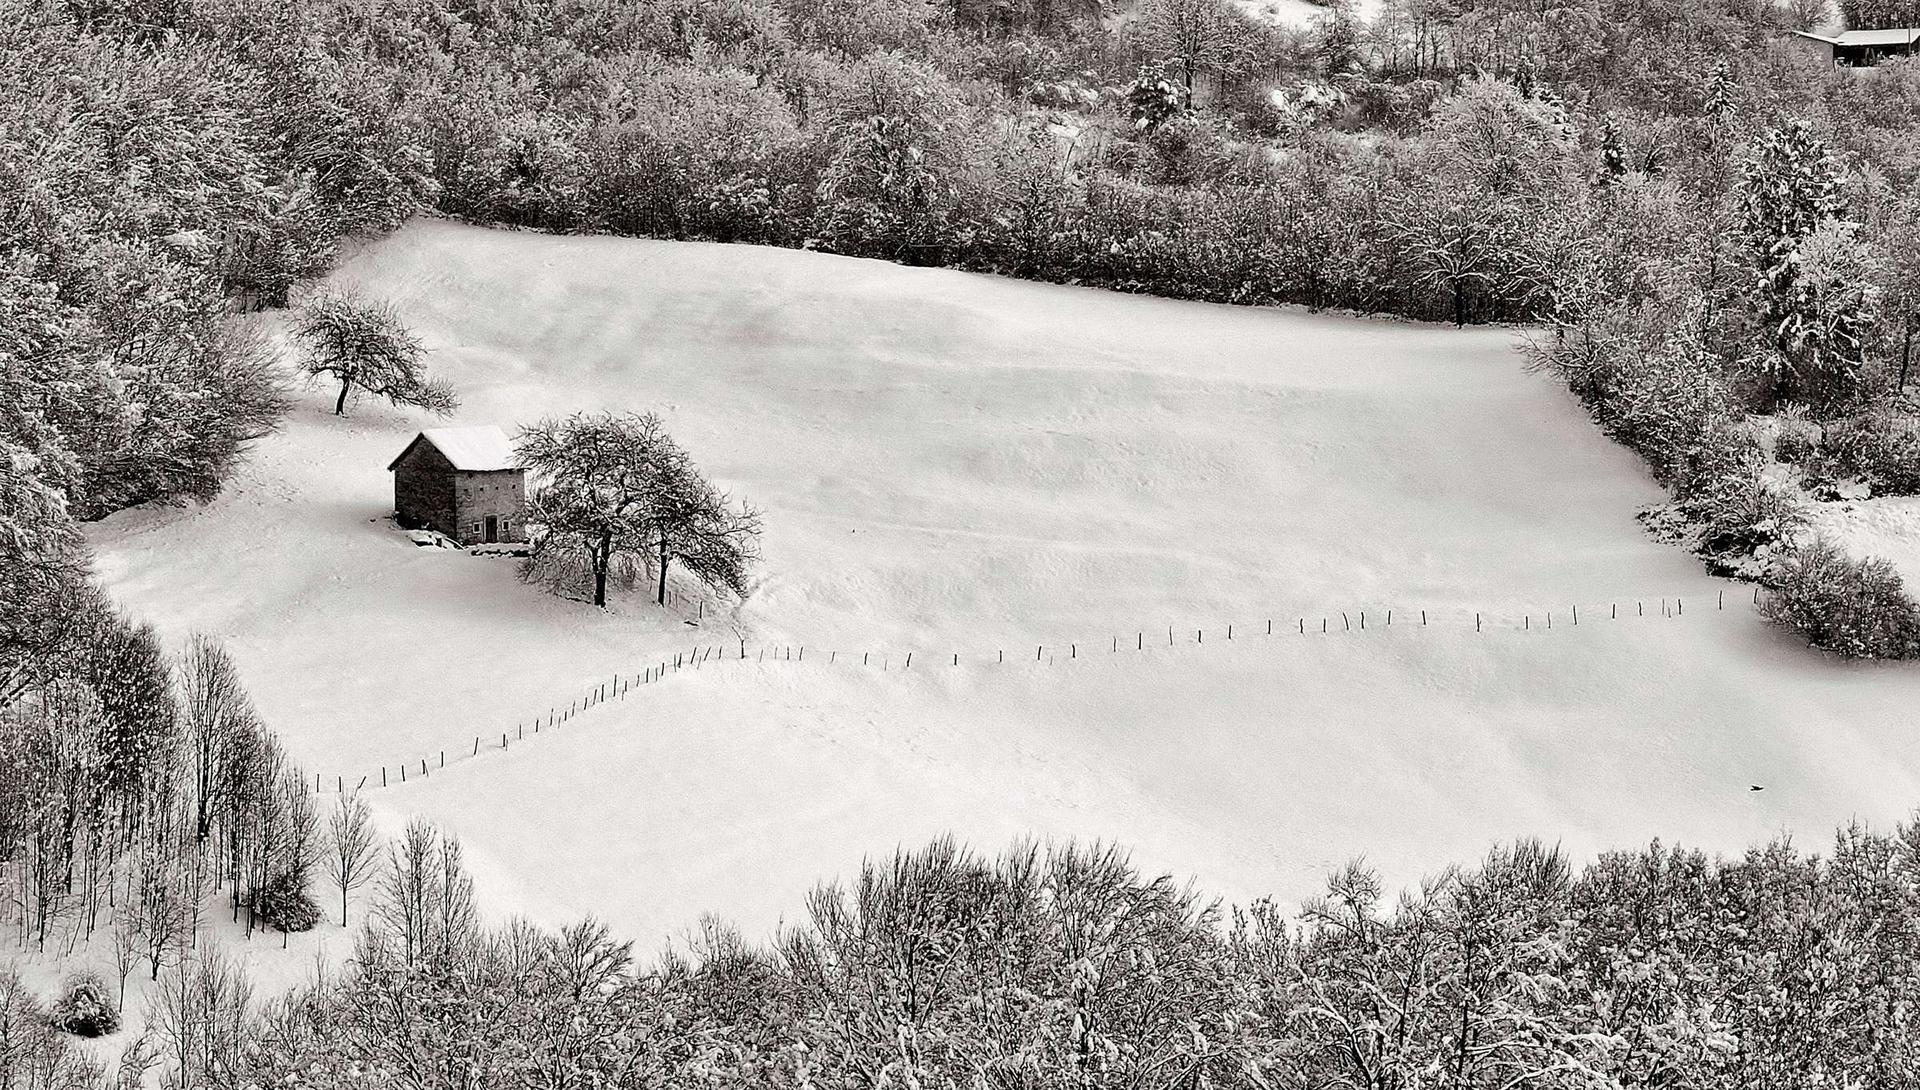 Photograph by Paolo Grigolato